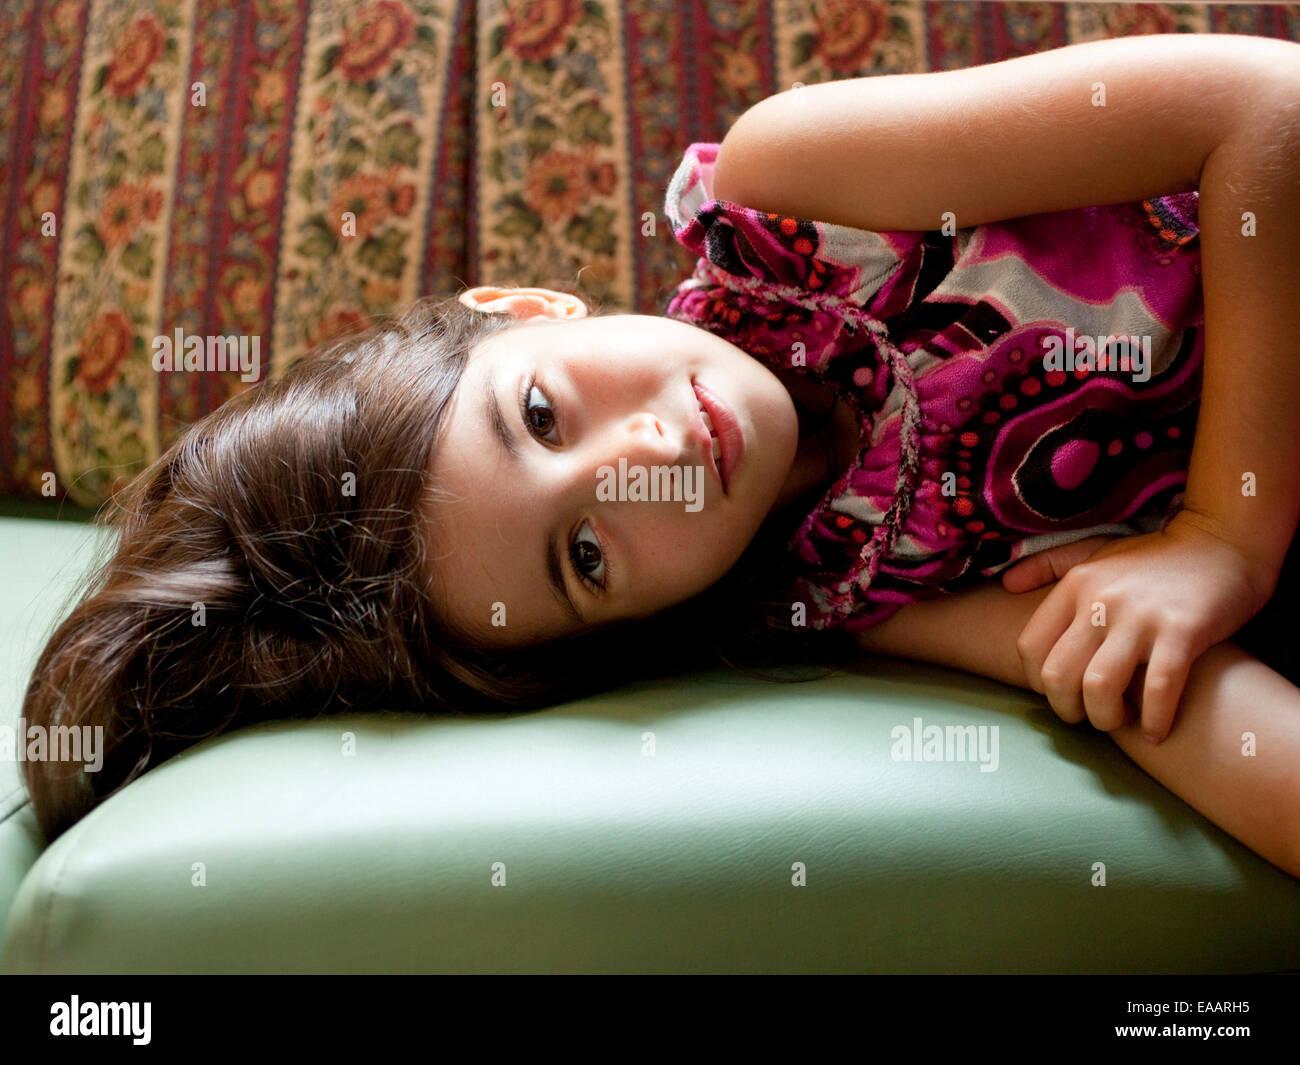 Mädchen auf der Couch liegend Stockbild